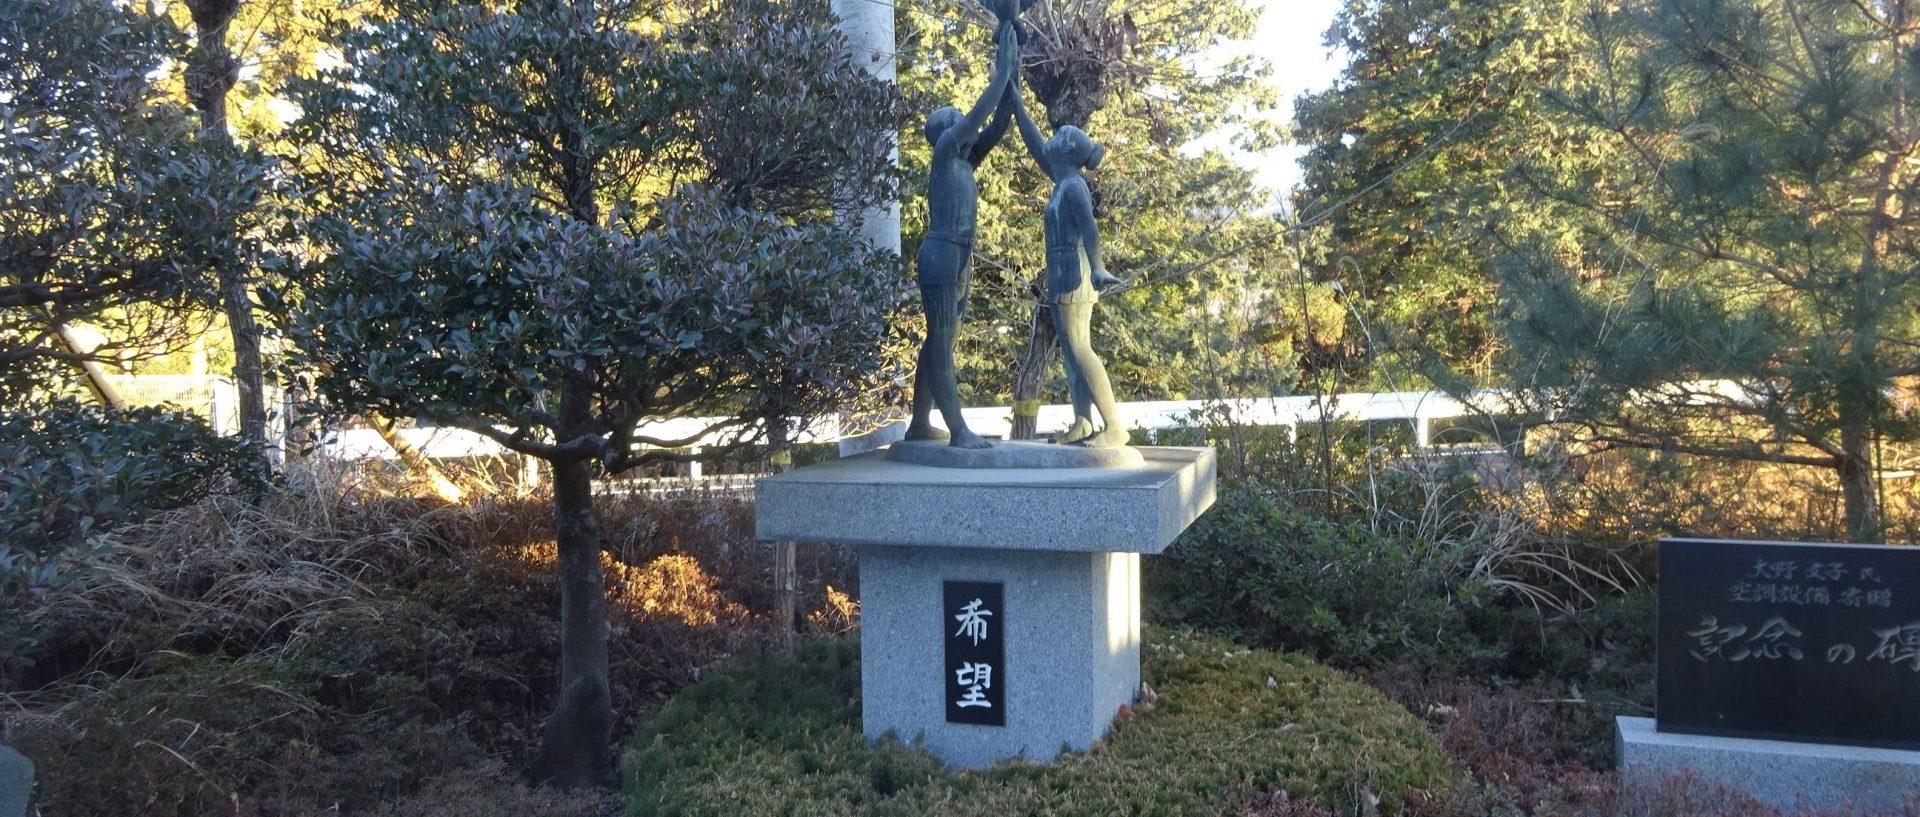 秩父市立原谷小学校 メインイメージ